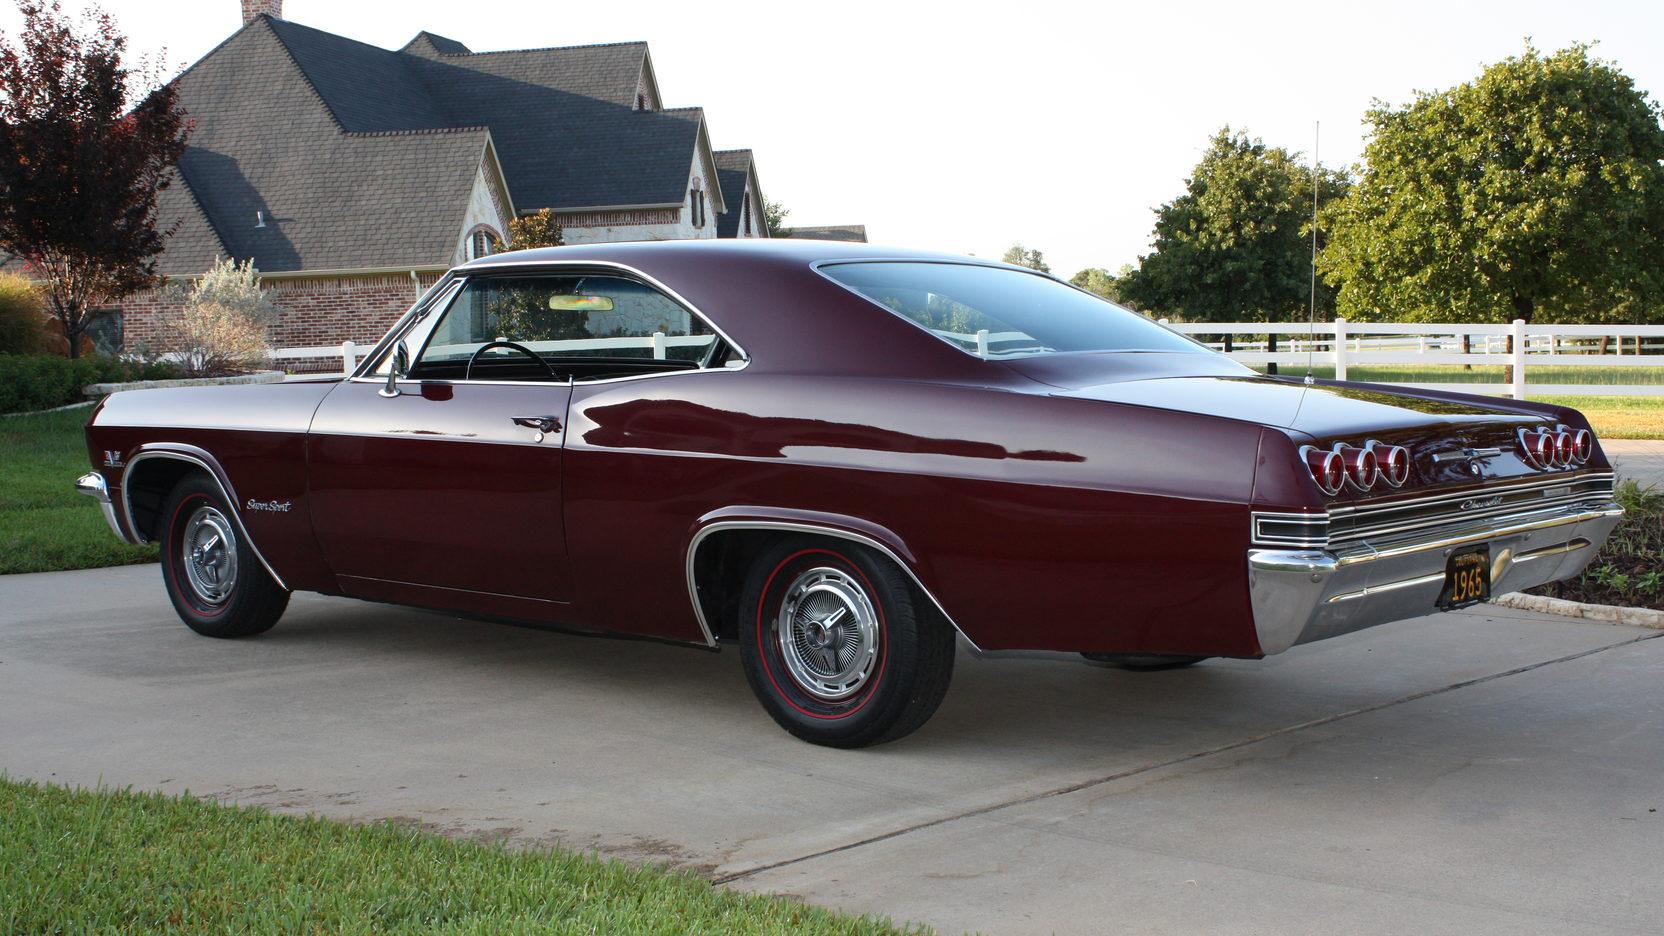 medium resolution of 1965 chevrolet impala ss 3 full screen